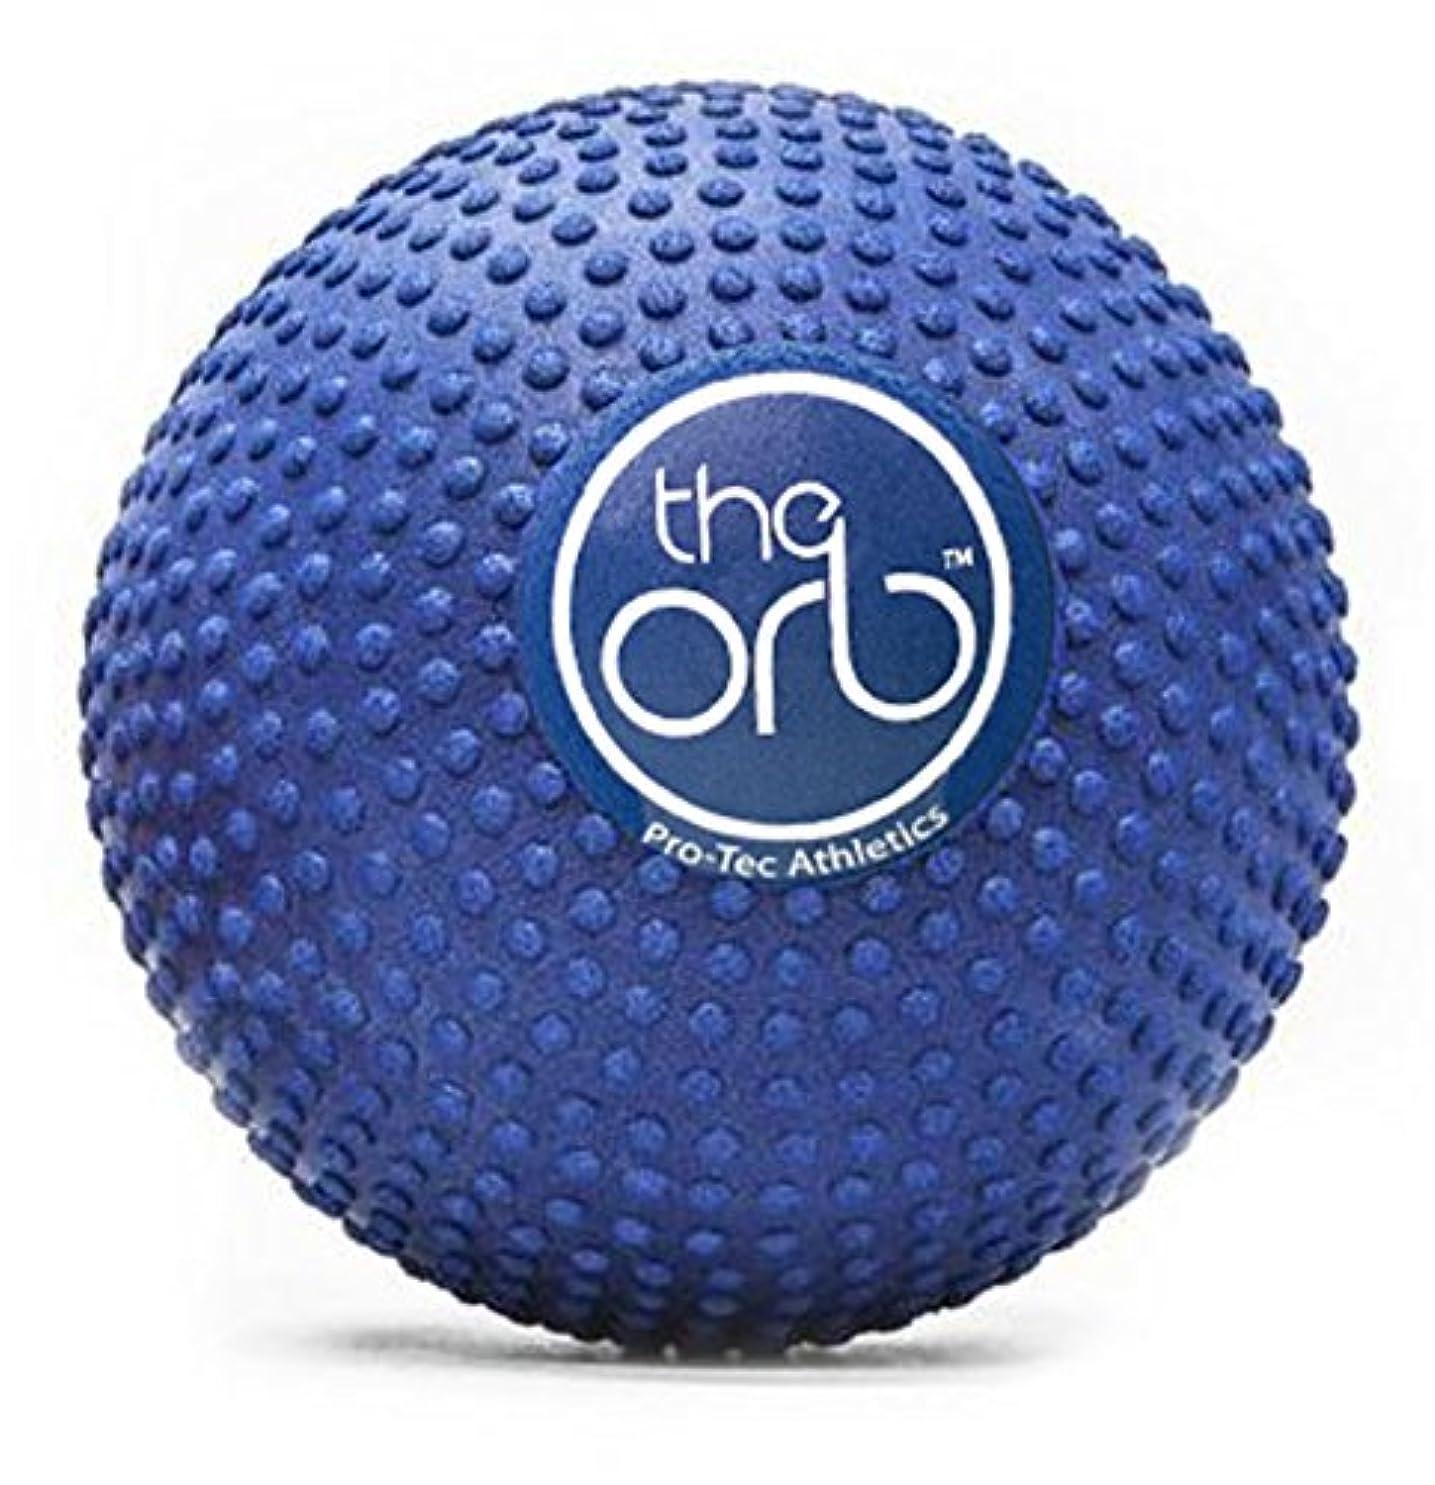 かもめ優先第二にPro-Tec Athletics(プロテックアスレチックス) The Orb 5